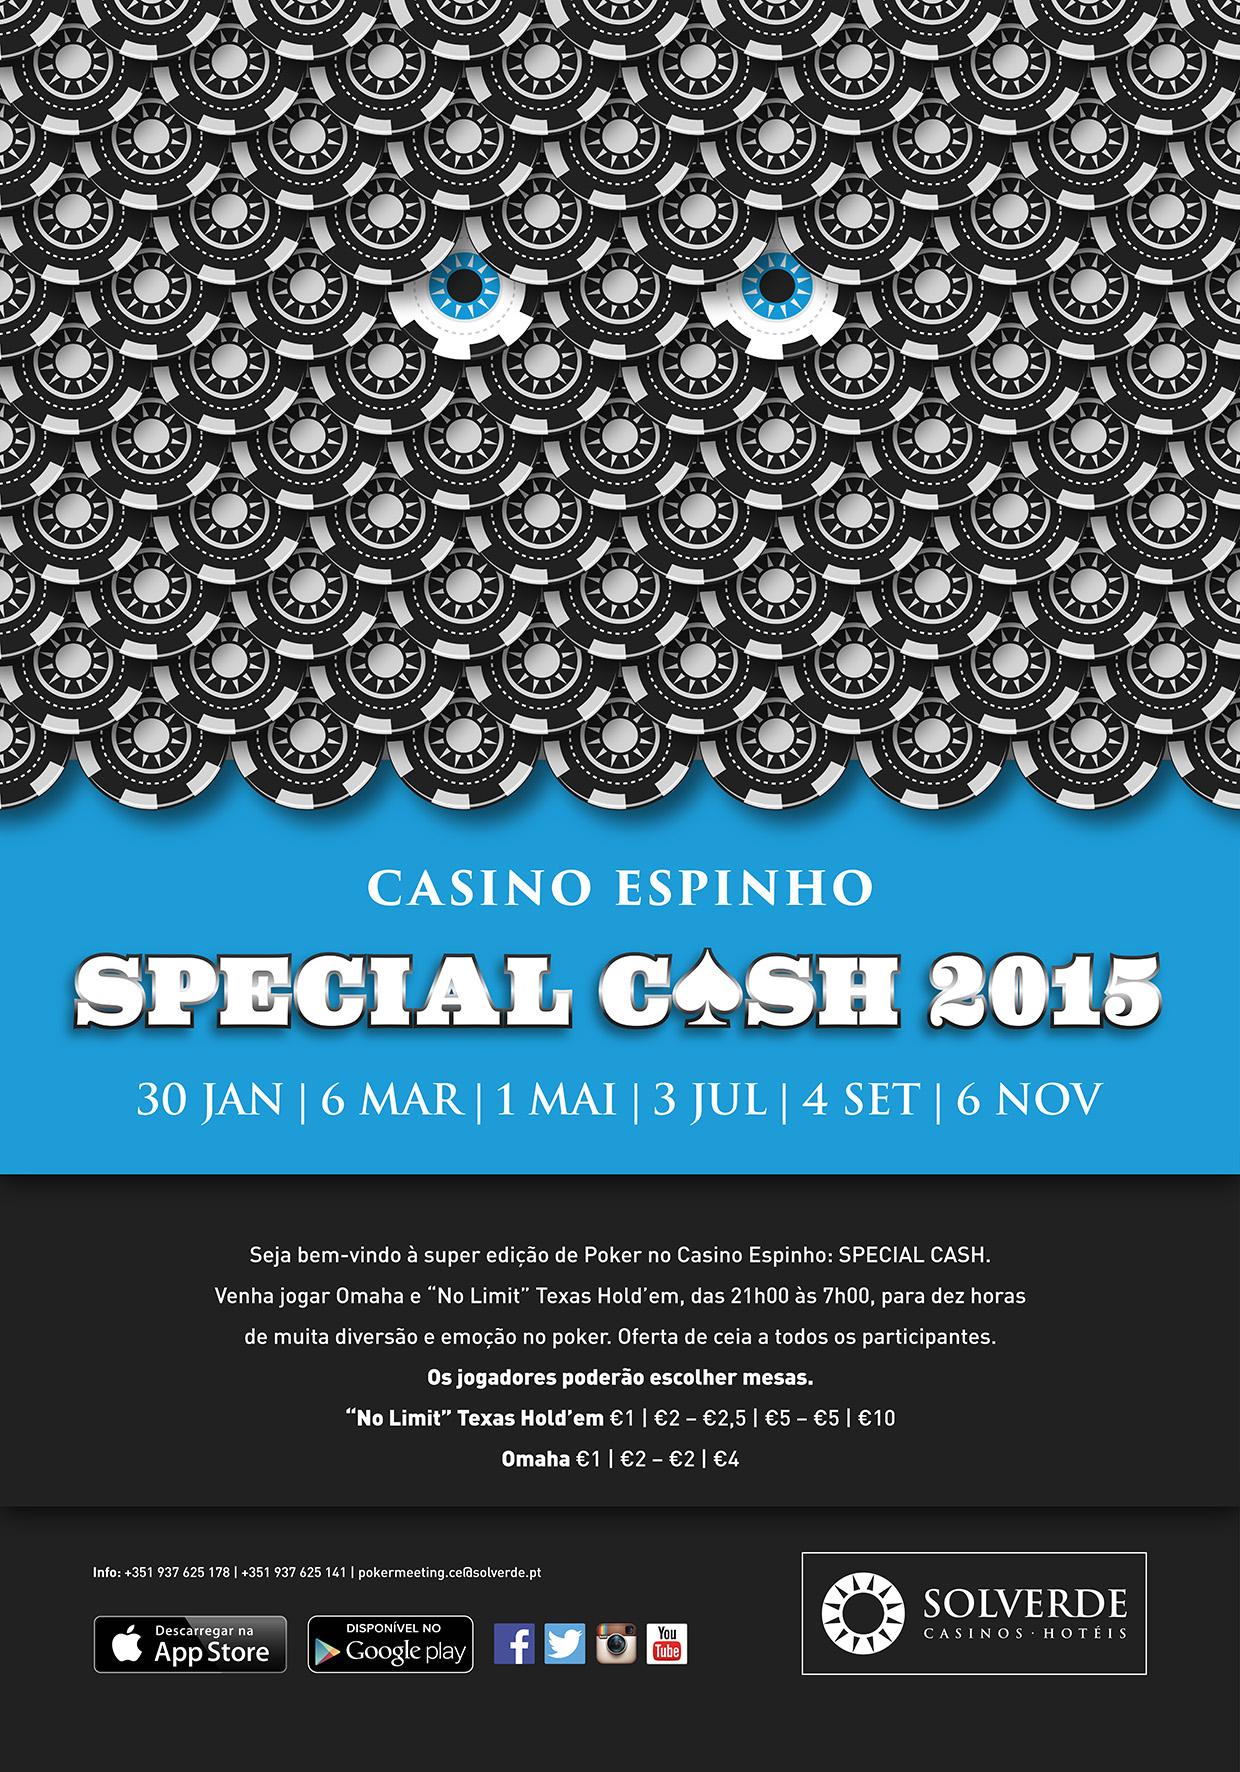 Special Cash no Casino de Espinho a 3 de Julho 101